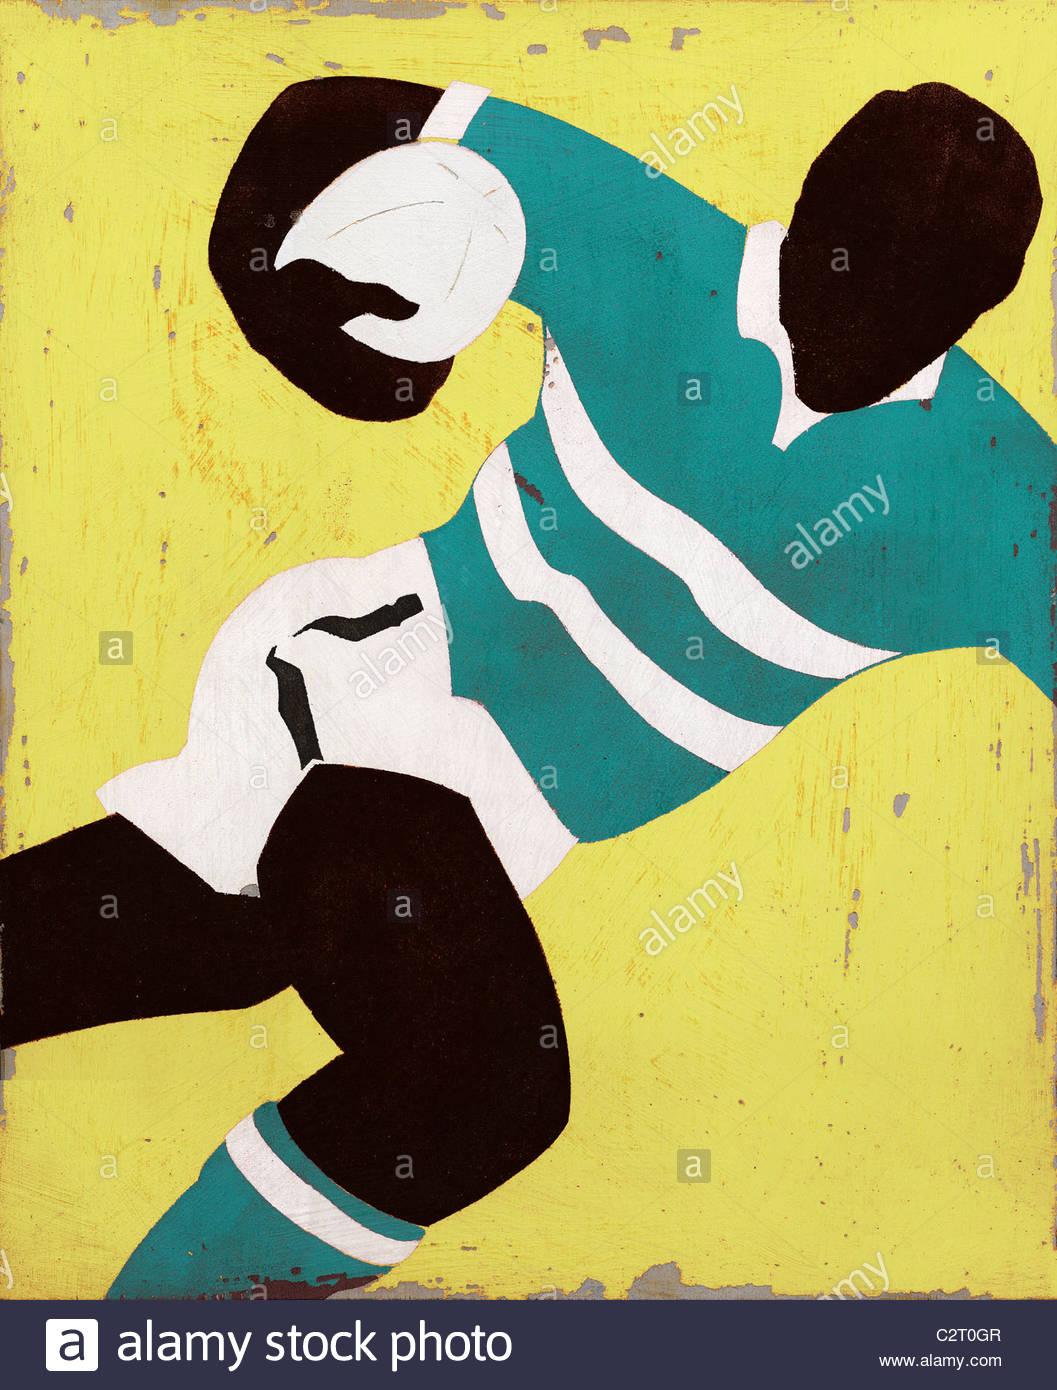 Rugby-Spieler mit ball Stockfoto